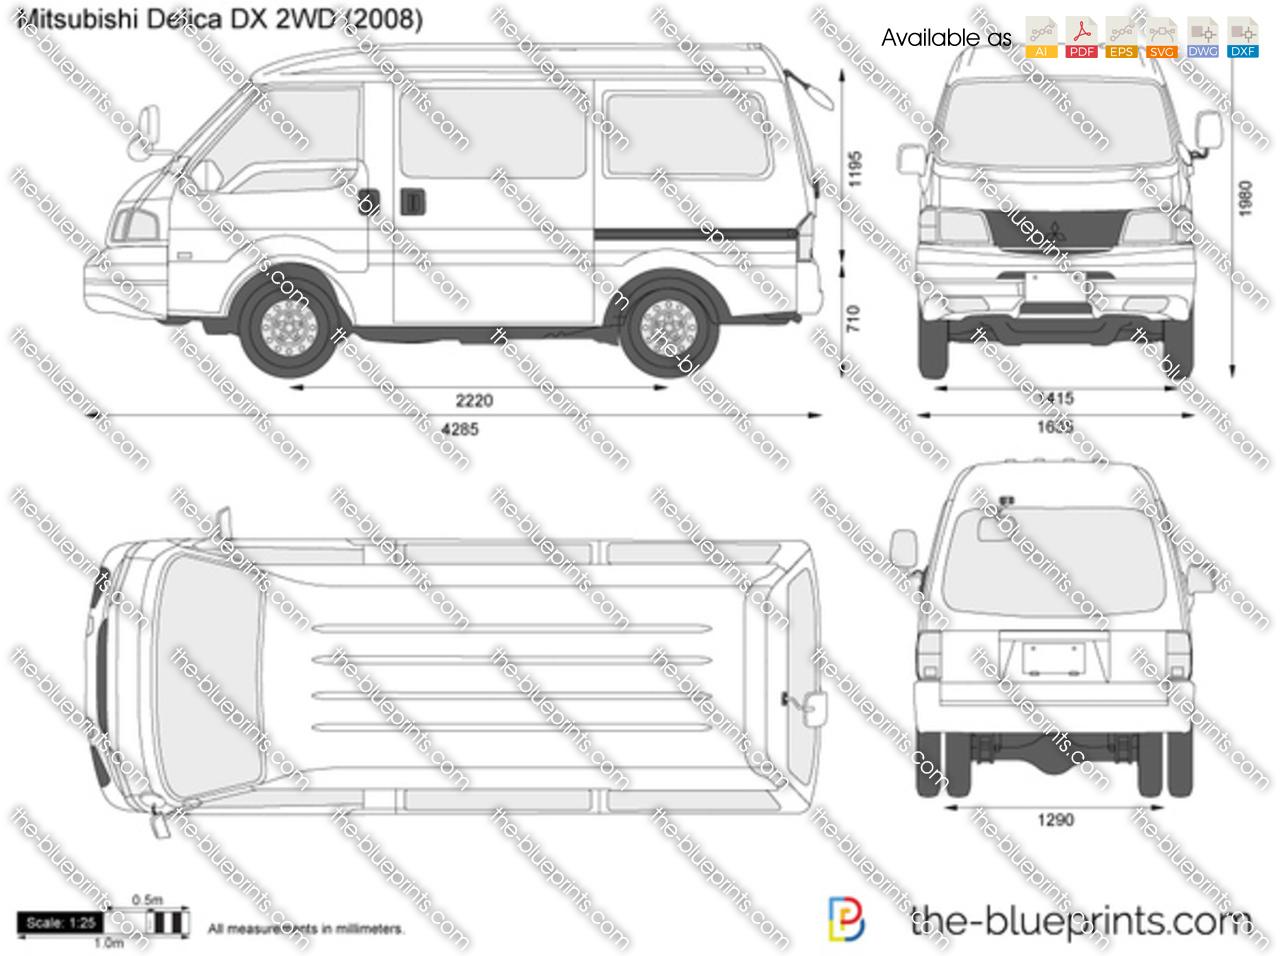 Mitsubishi Delica DX 2WD